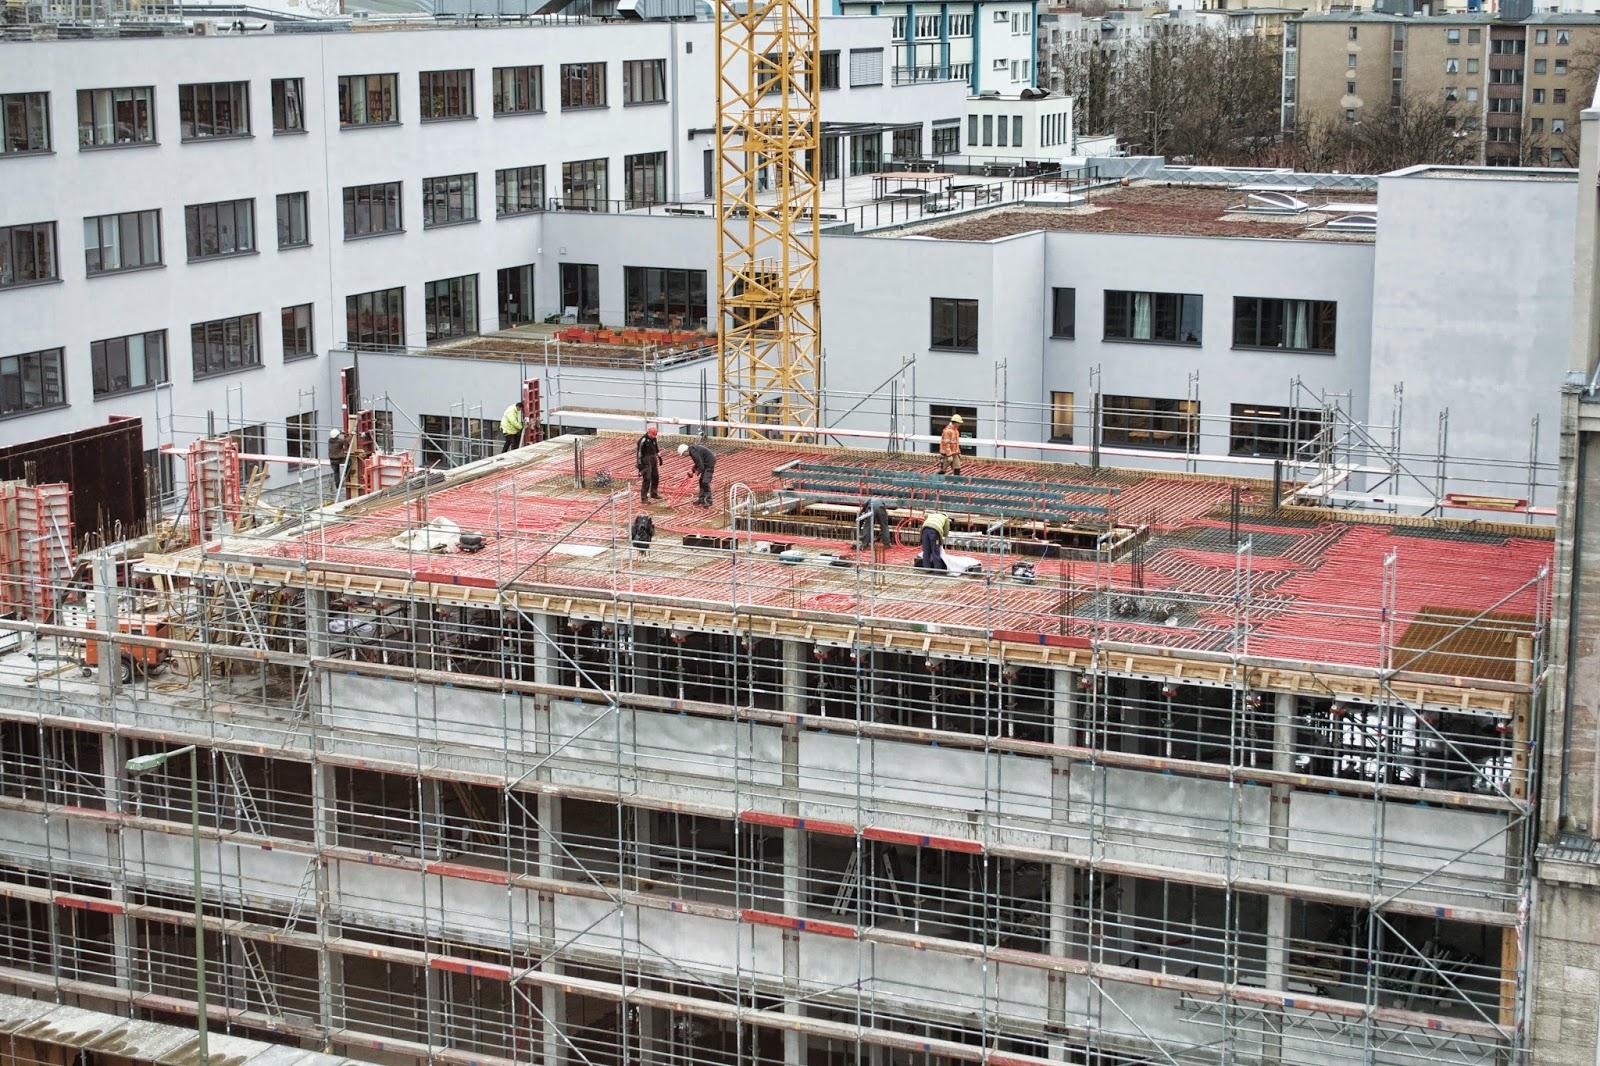 berliner baustellen 0293 baustelle erweiterung aufbau haus durch den neubau prinzenstra e 84. Black Bedroom Furniture Sets. Home Design Ideas